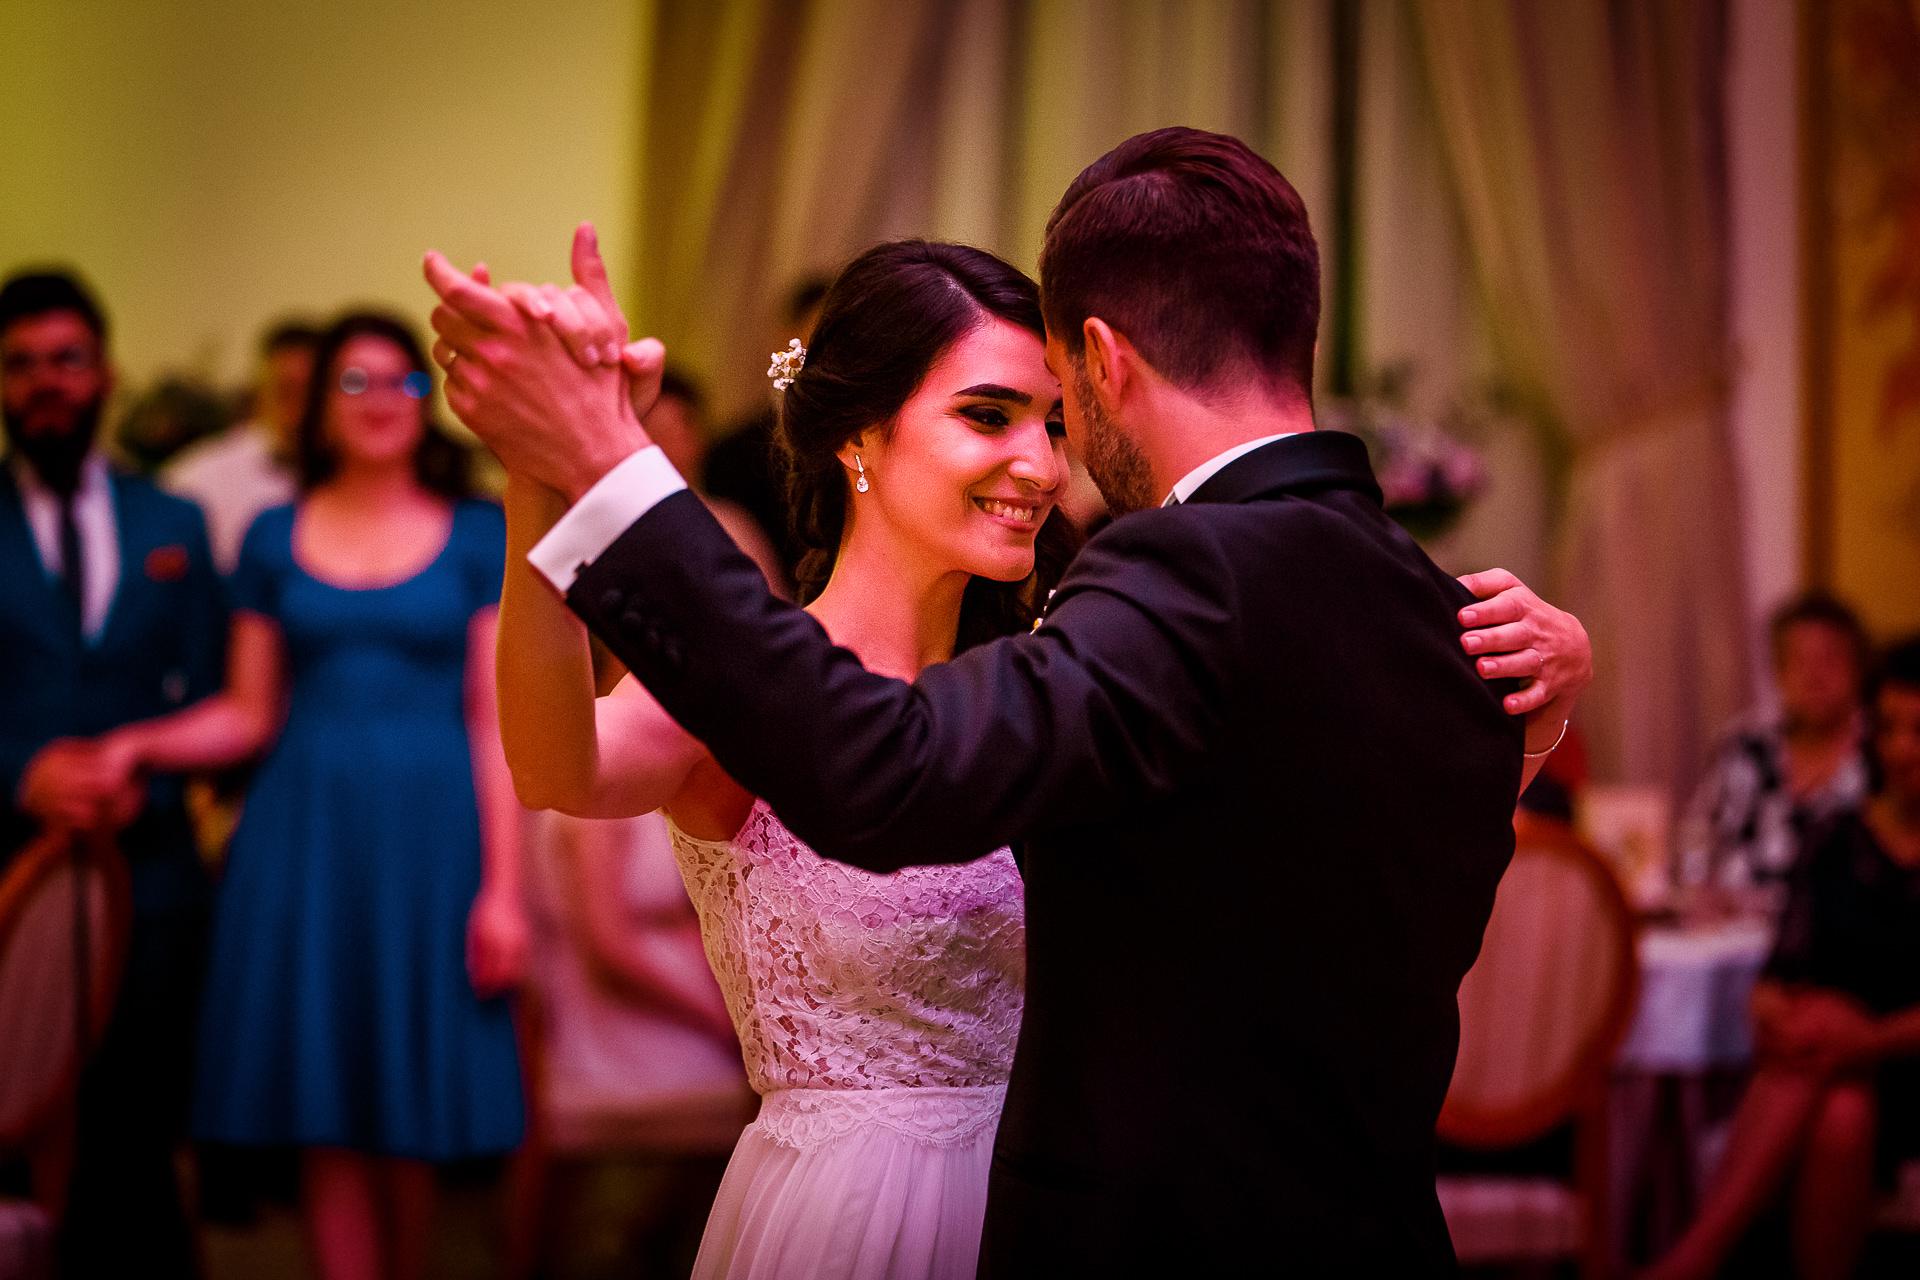 nuntă Salon Elisabeta - Elena şi Costin - Mihai Zaharia Photography - 054